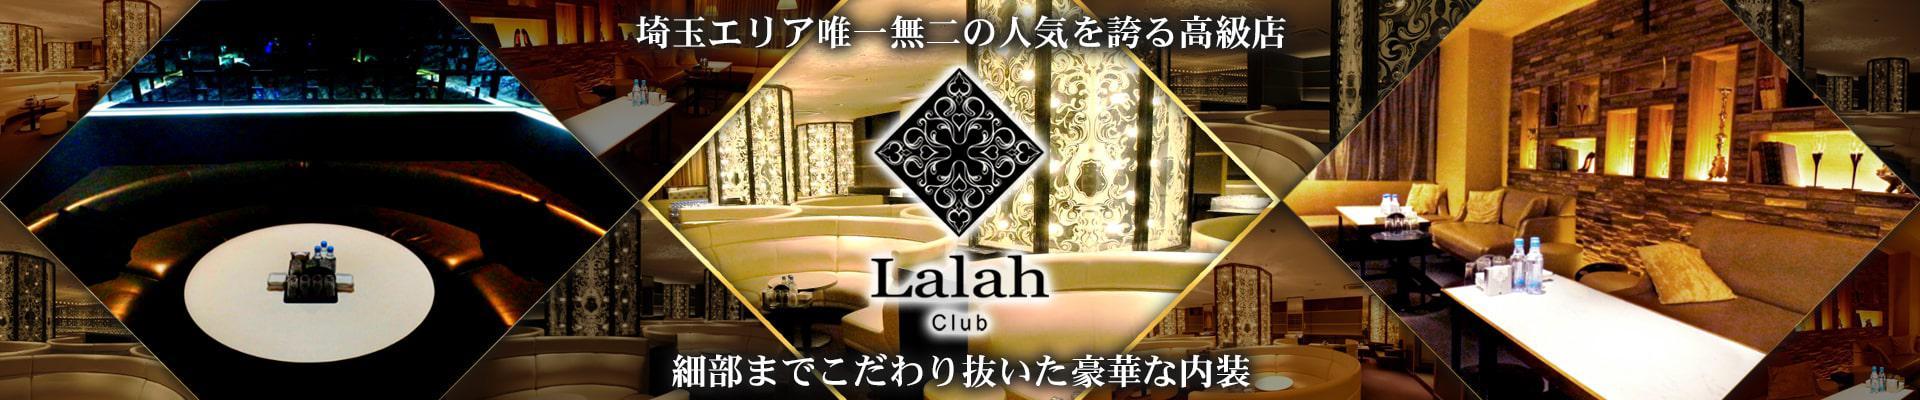 大宮のセクキャバ「Club Lalah(ララァ)」